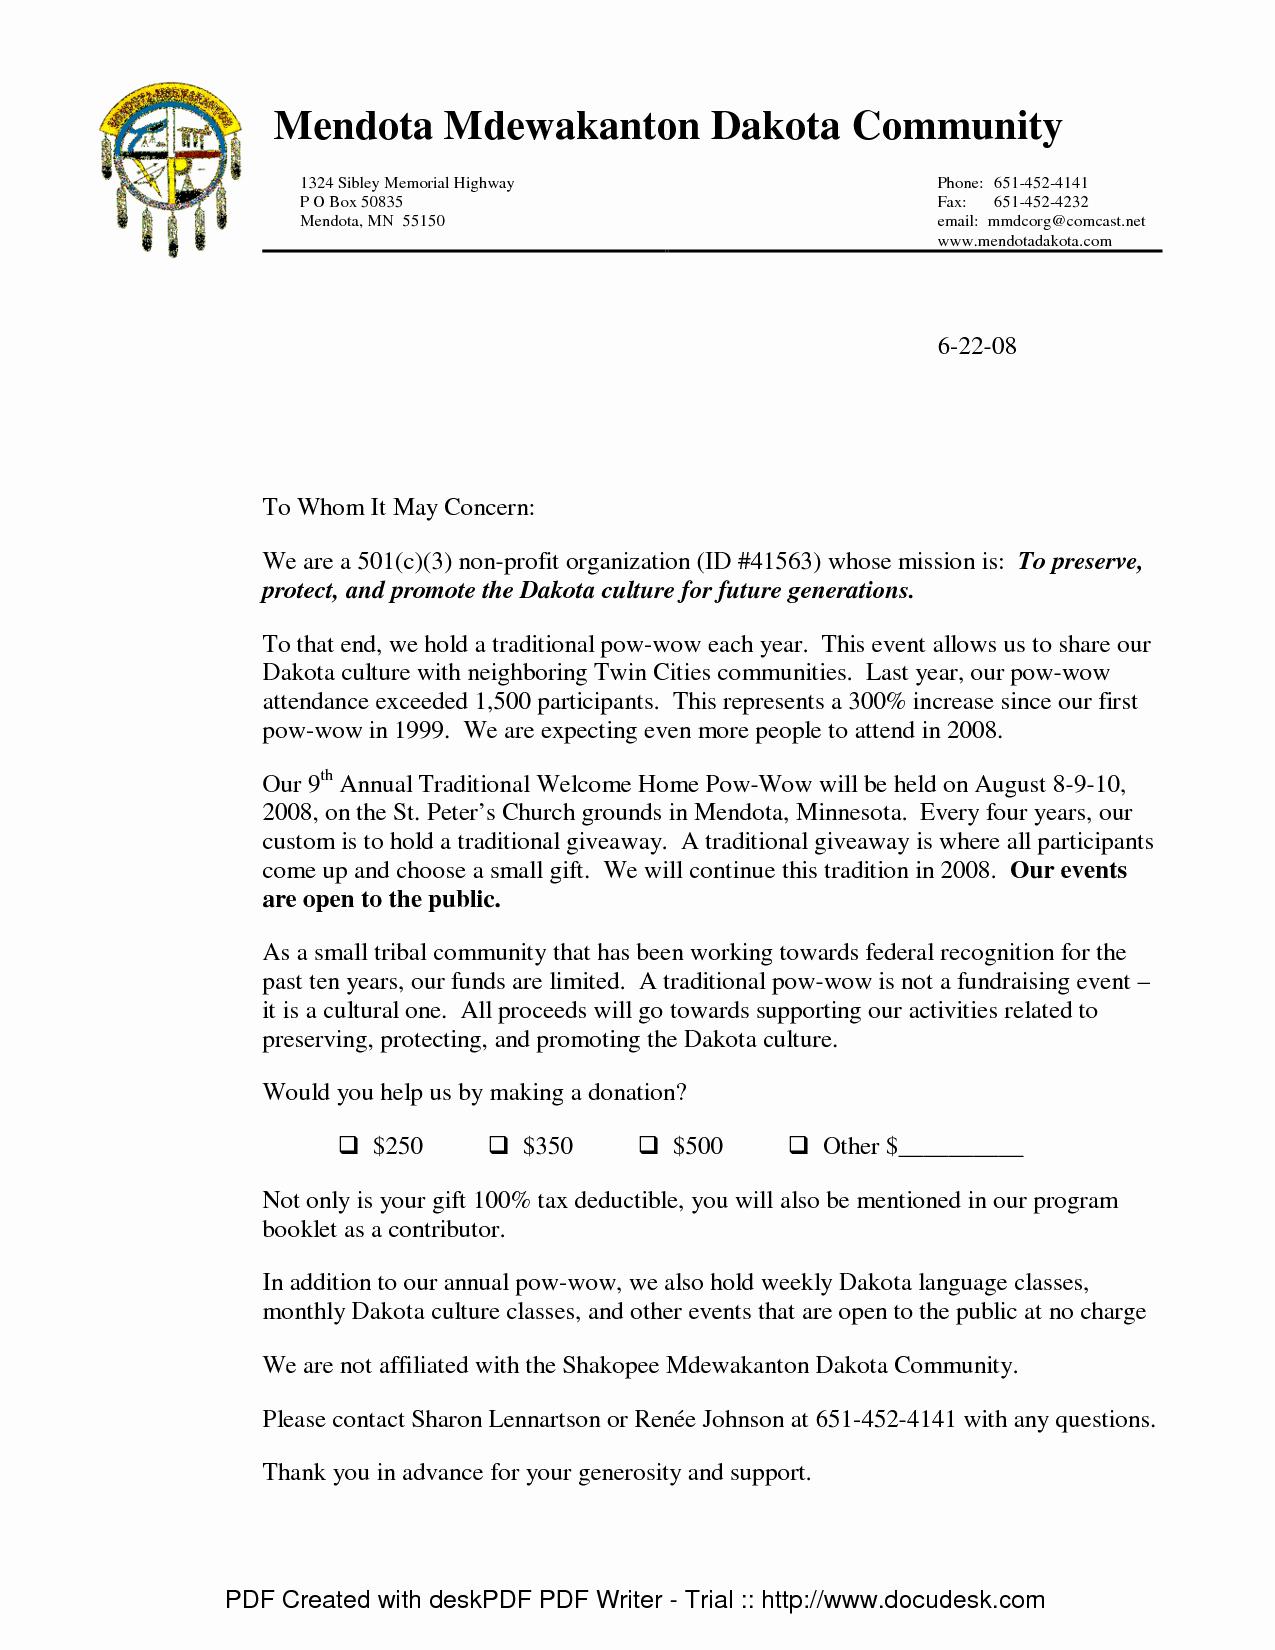 Request for Donations Letter Unique Non Profit Donation Request Letter Template